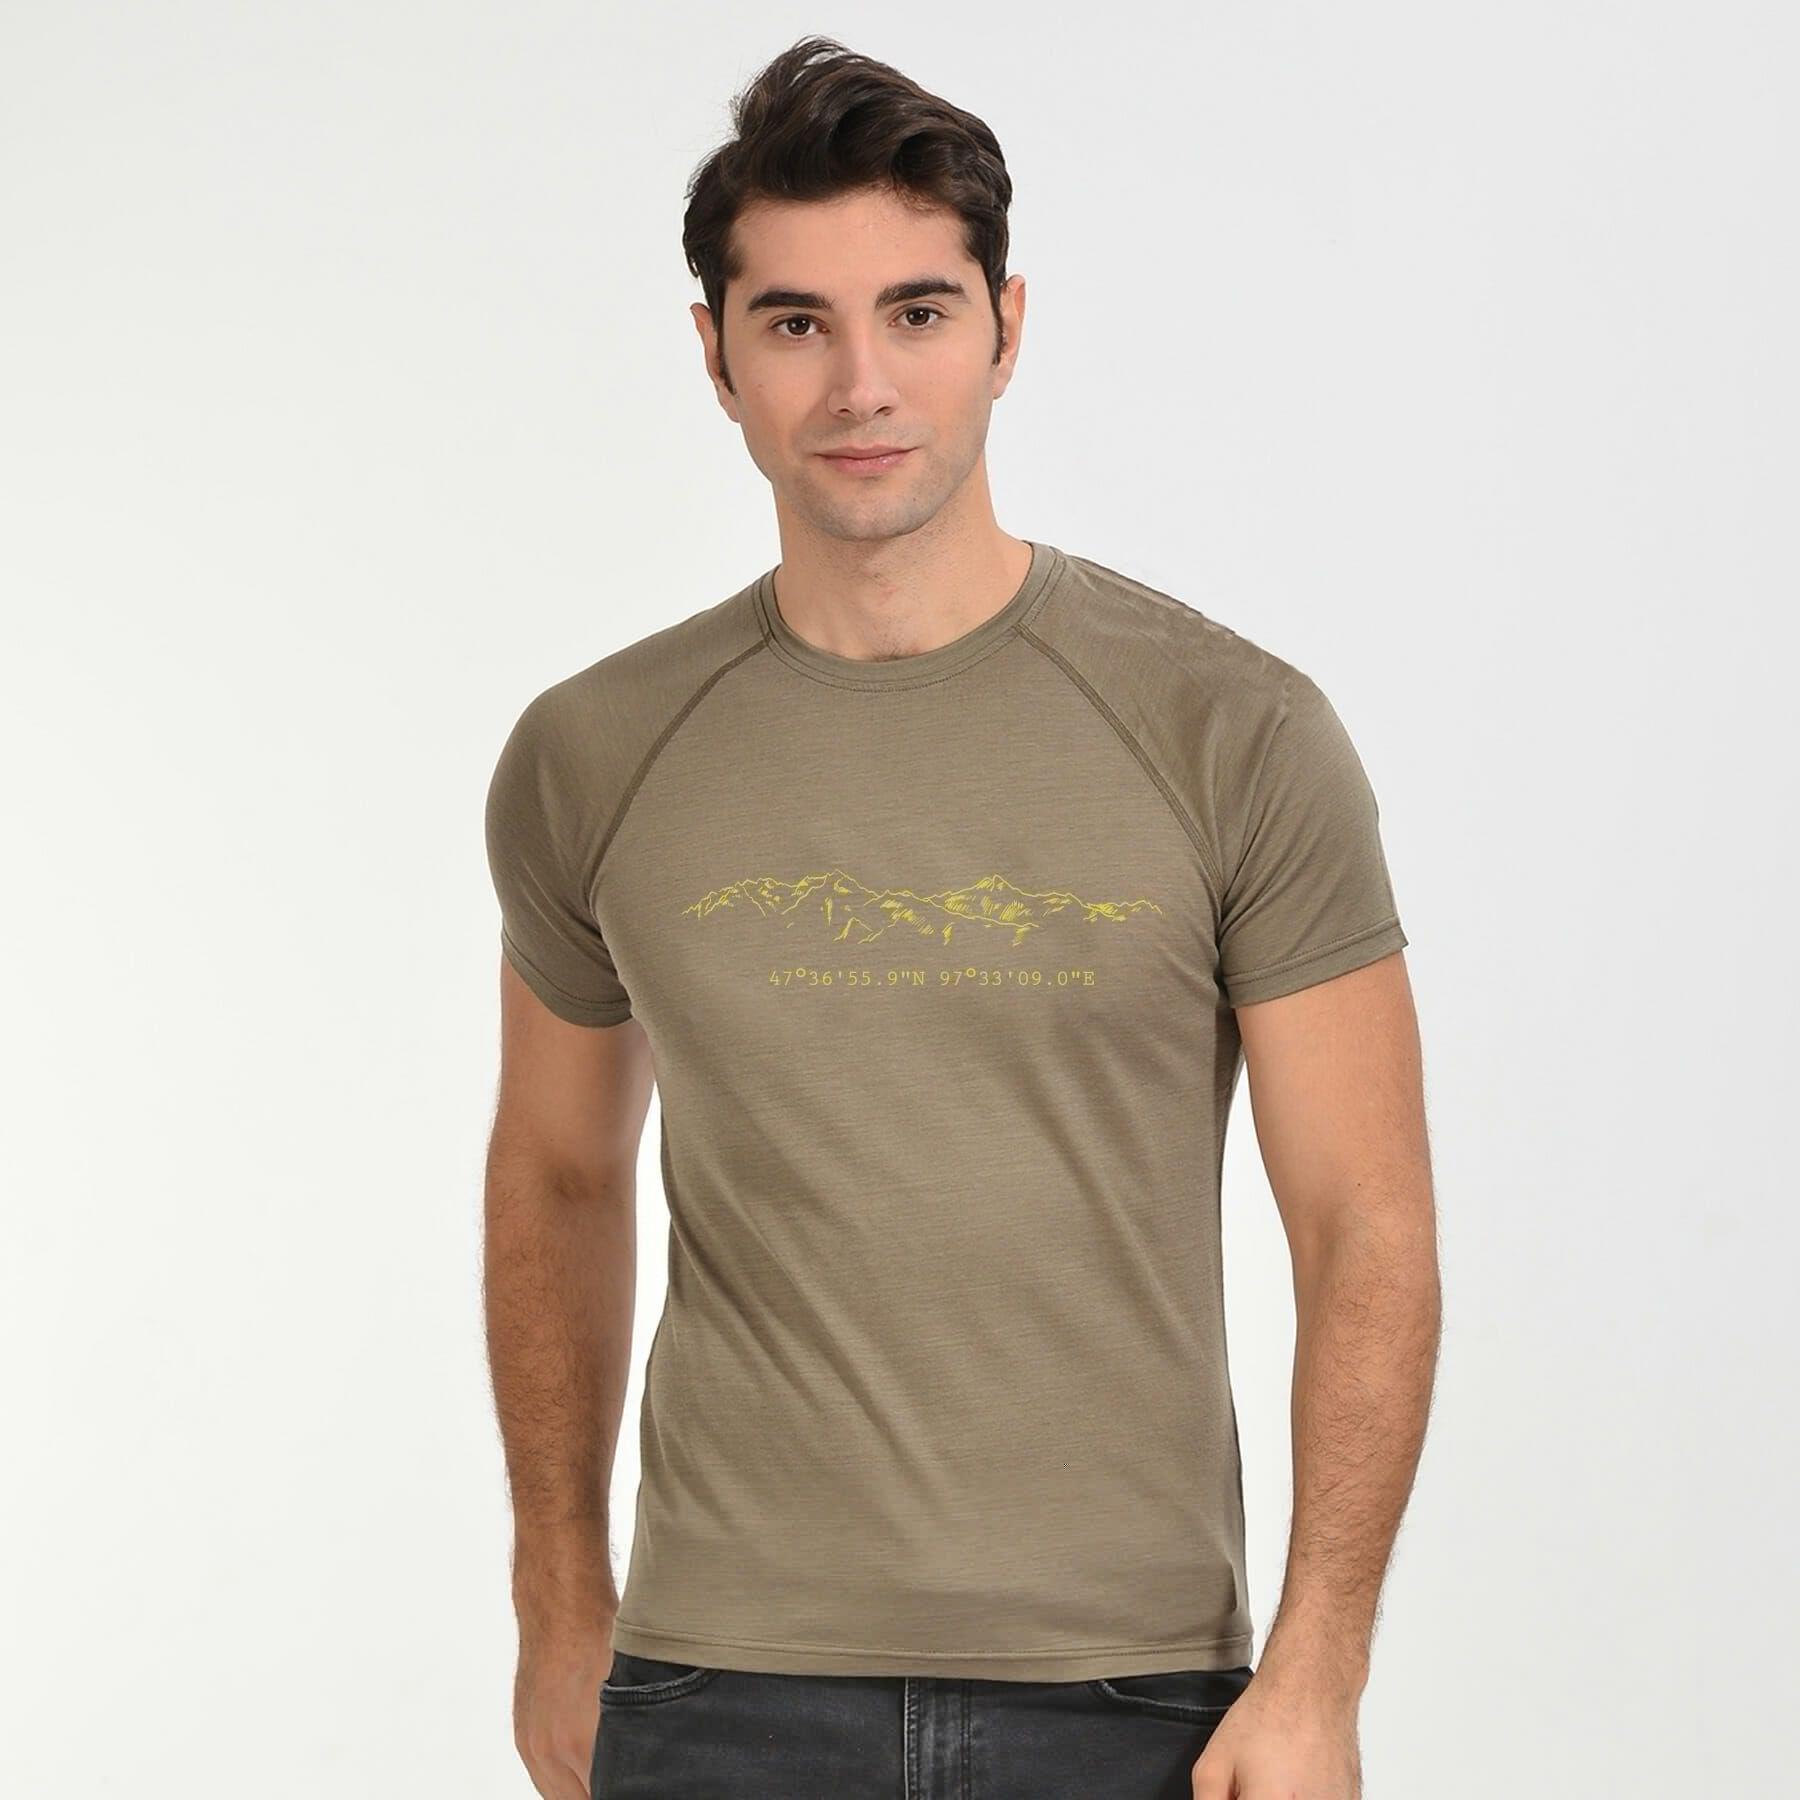 Merino Wool Tshirt Outdoor Outfit Mens Tops Mens Tshirts